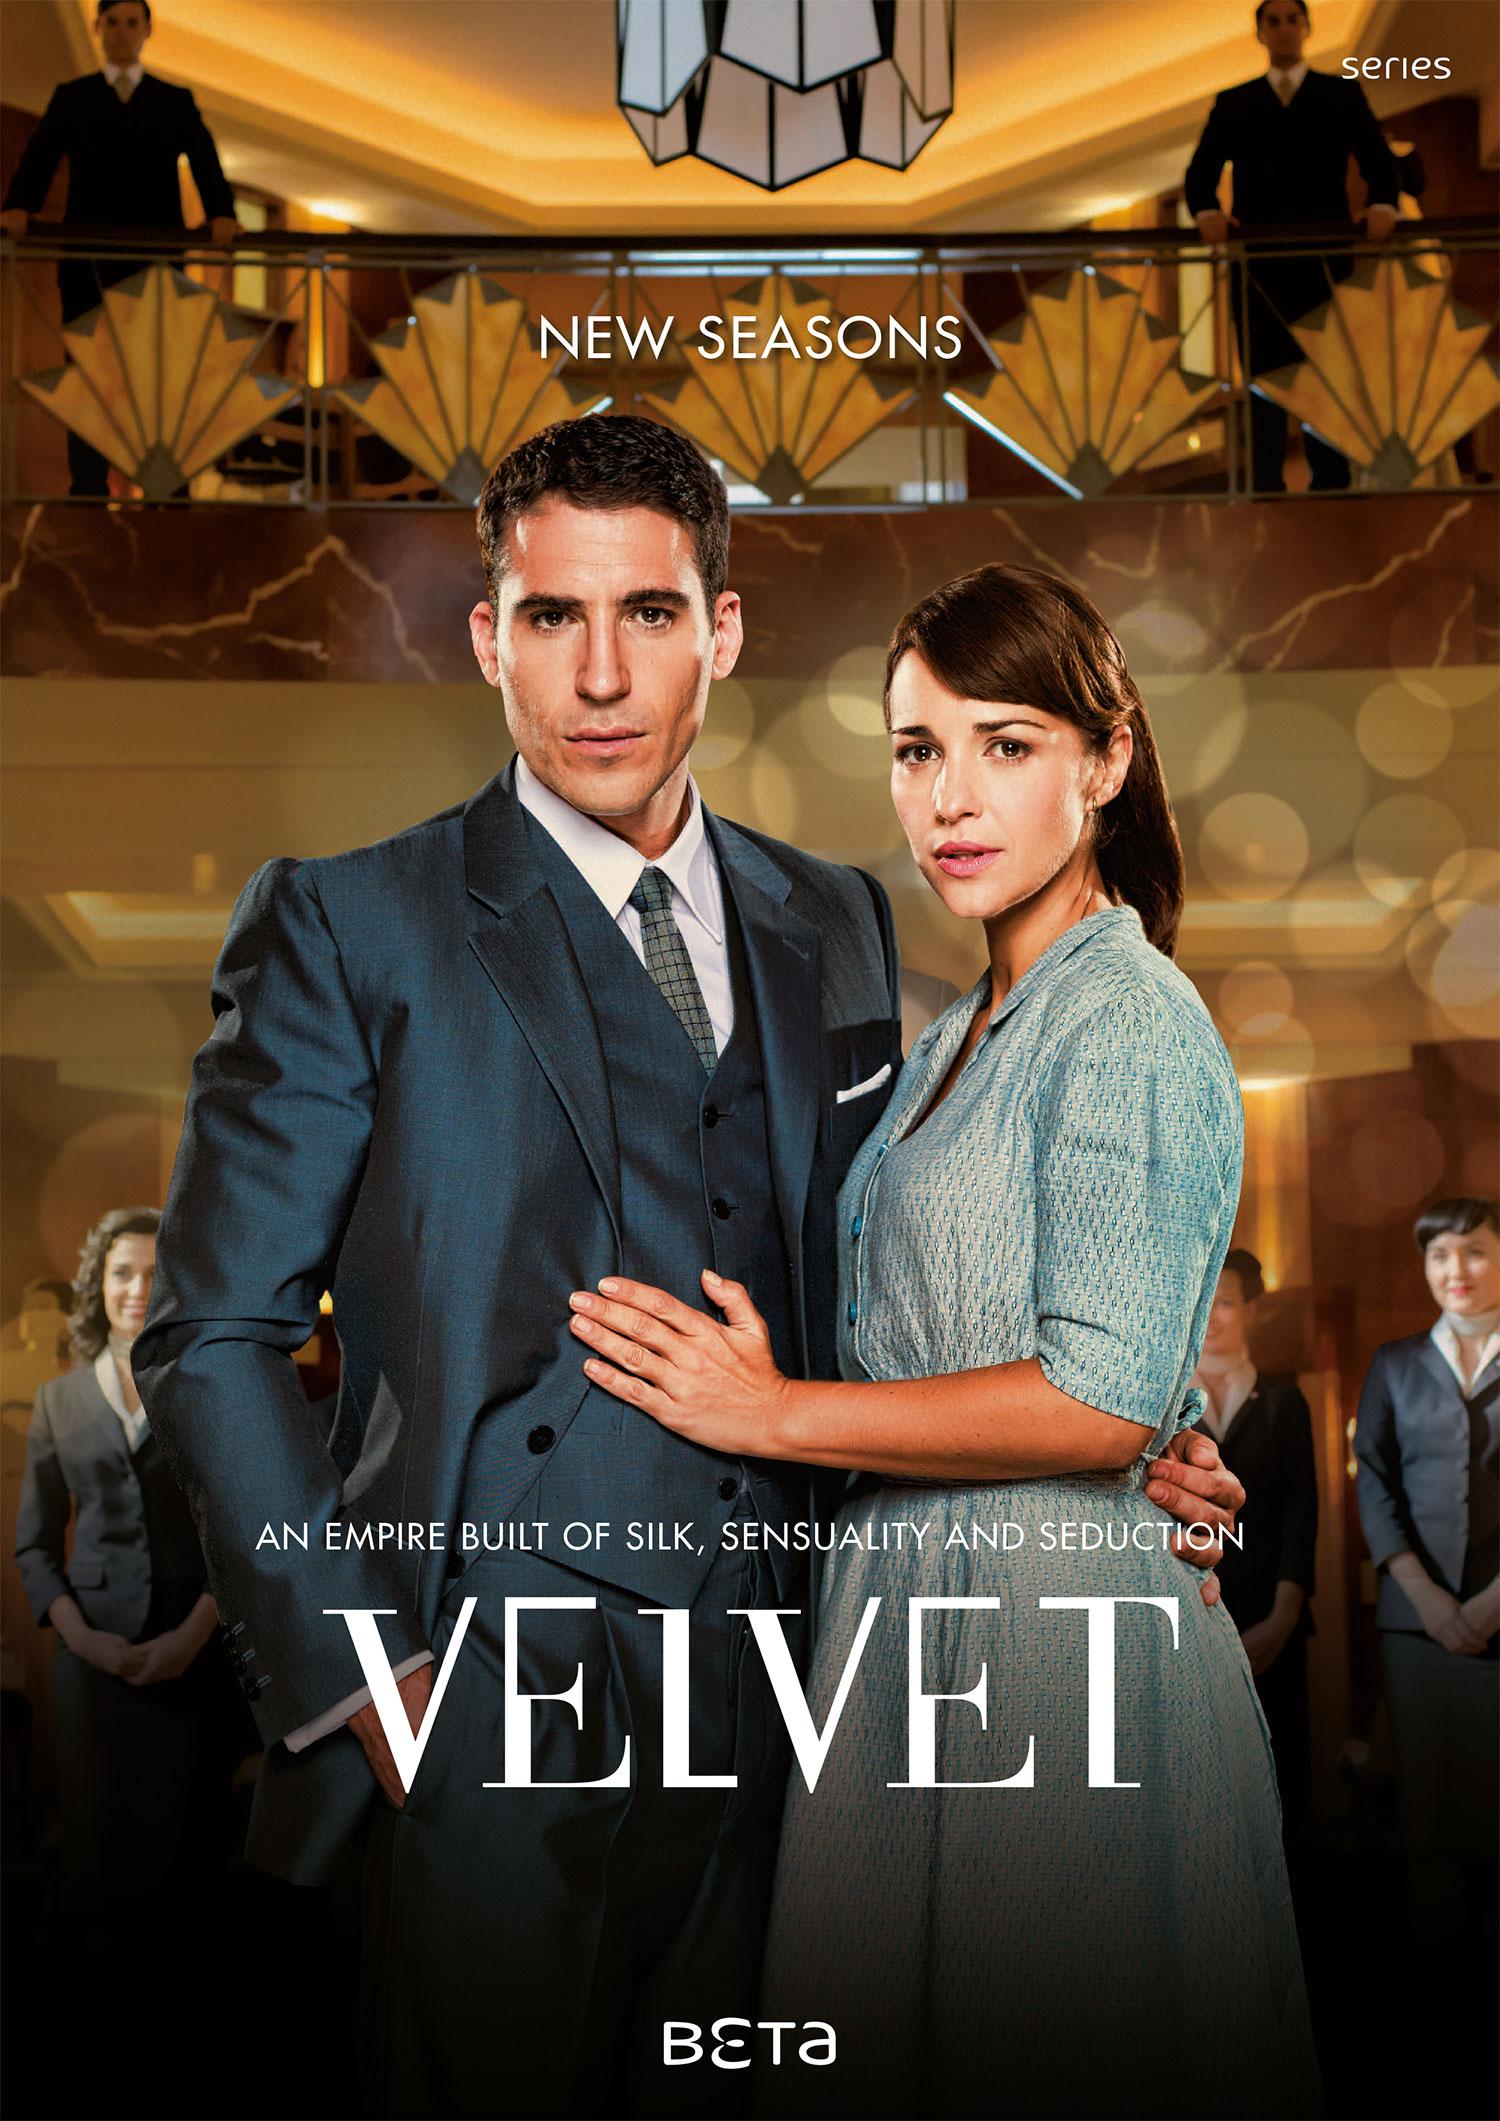 Velvet - Courtesy of Netflix